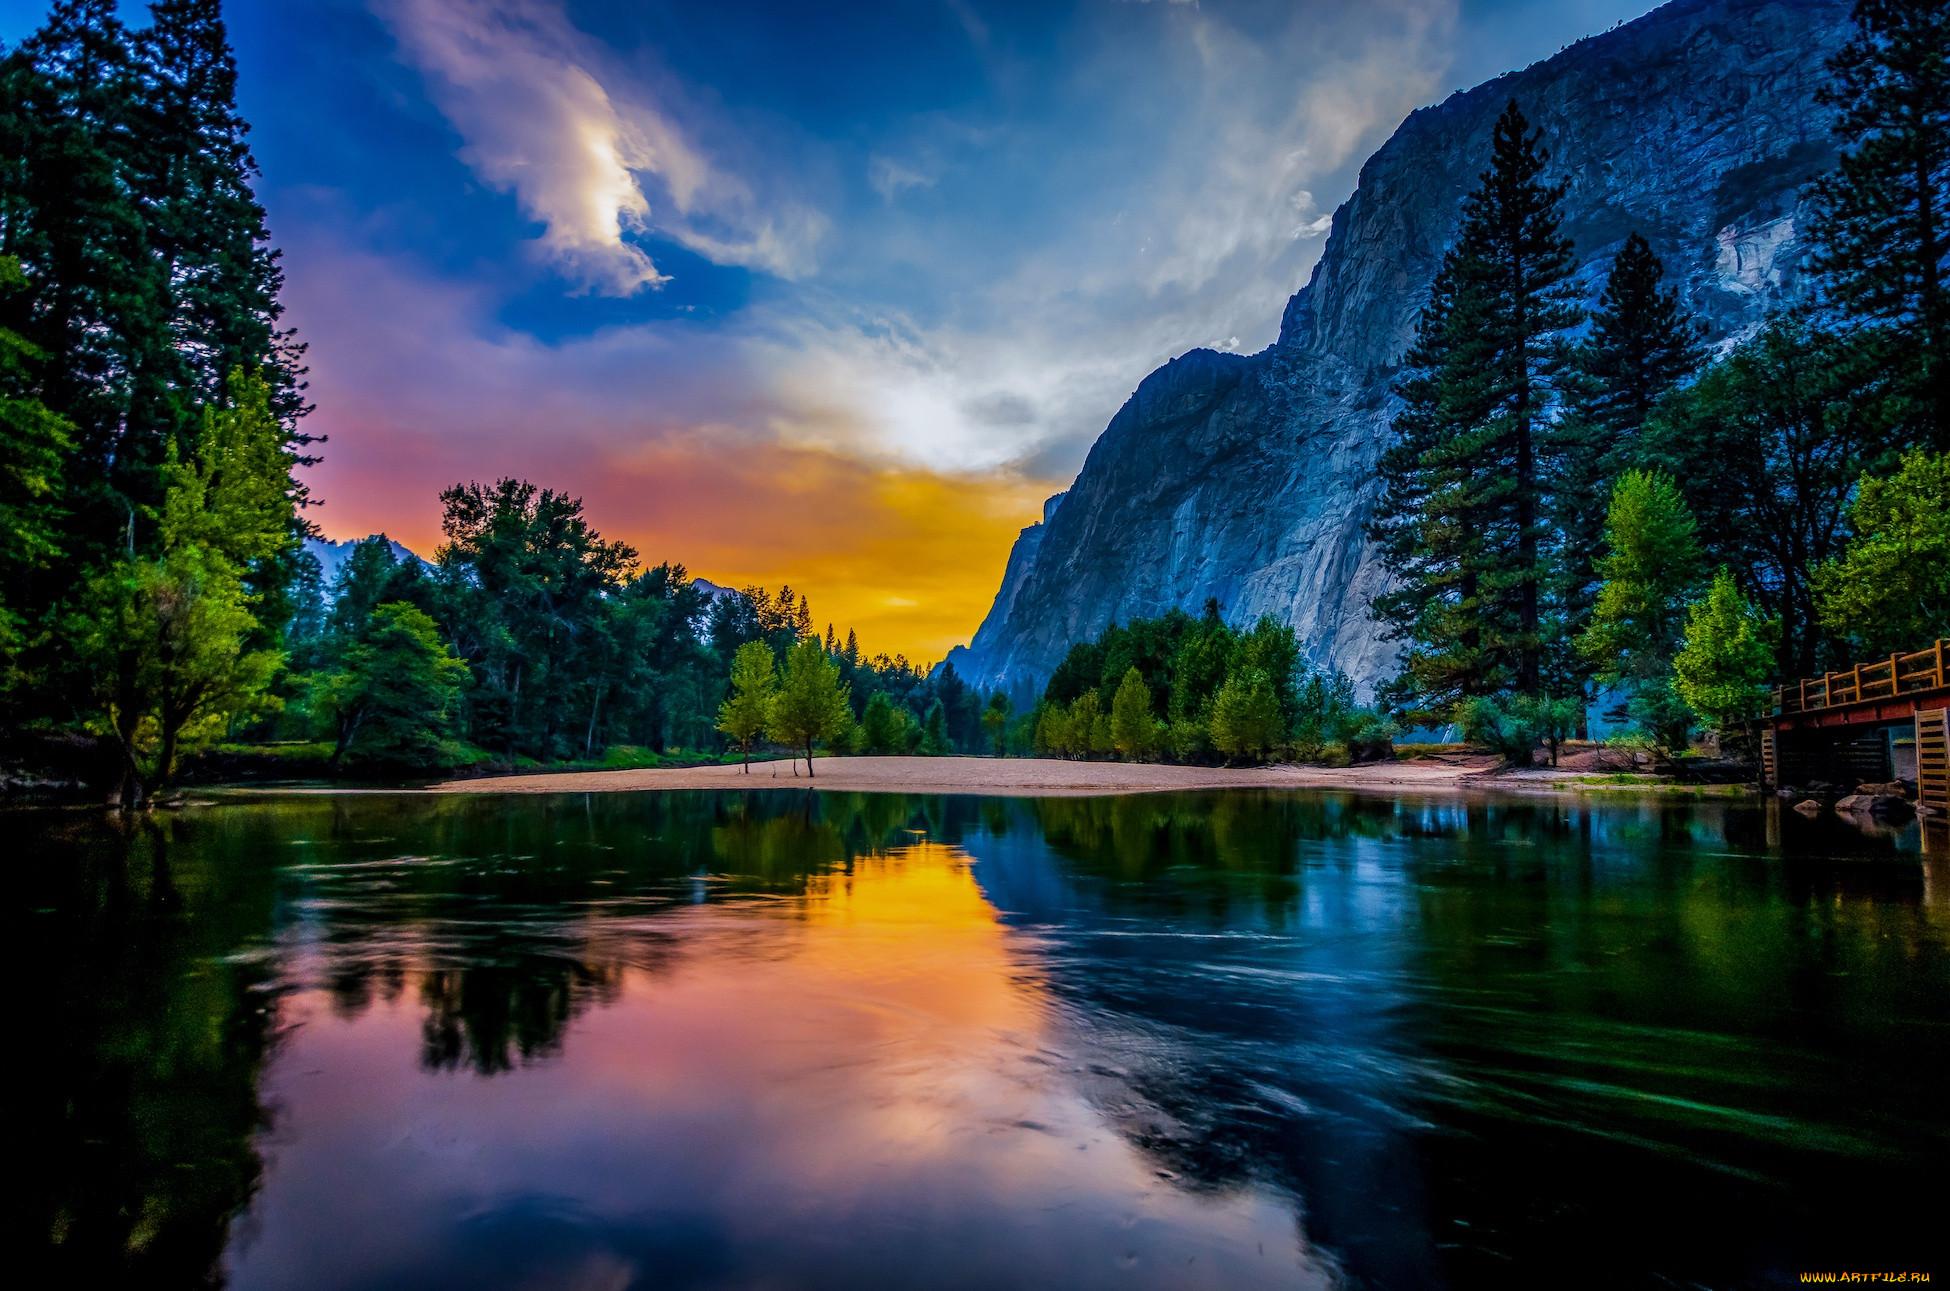 природа, пейзажи, пейзаж, горы, озеро, сша, йосемити, заповедник, национальный, парк, йосемитский, йосемитская, долина, yosemte, valley